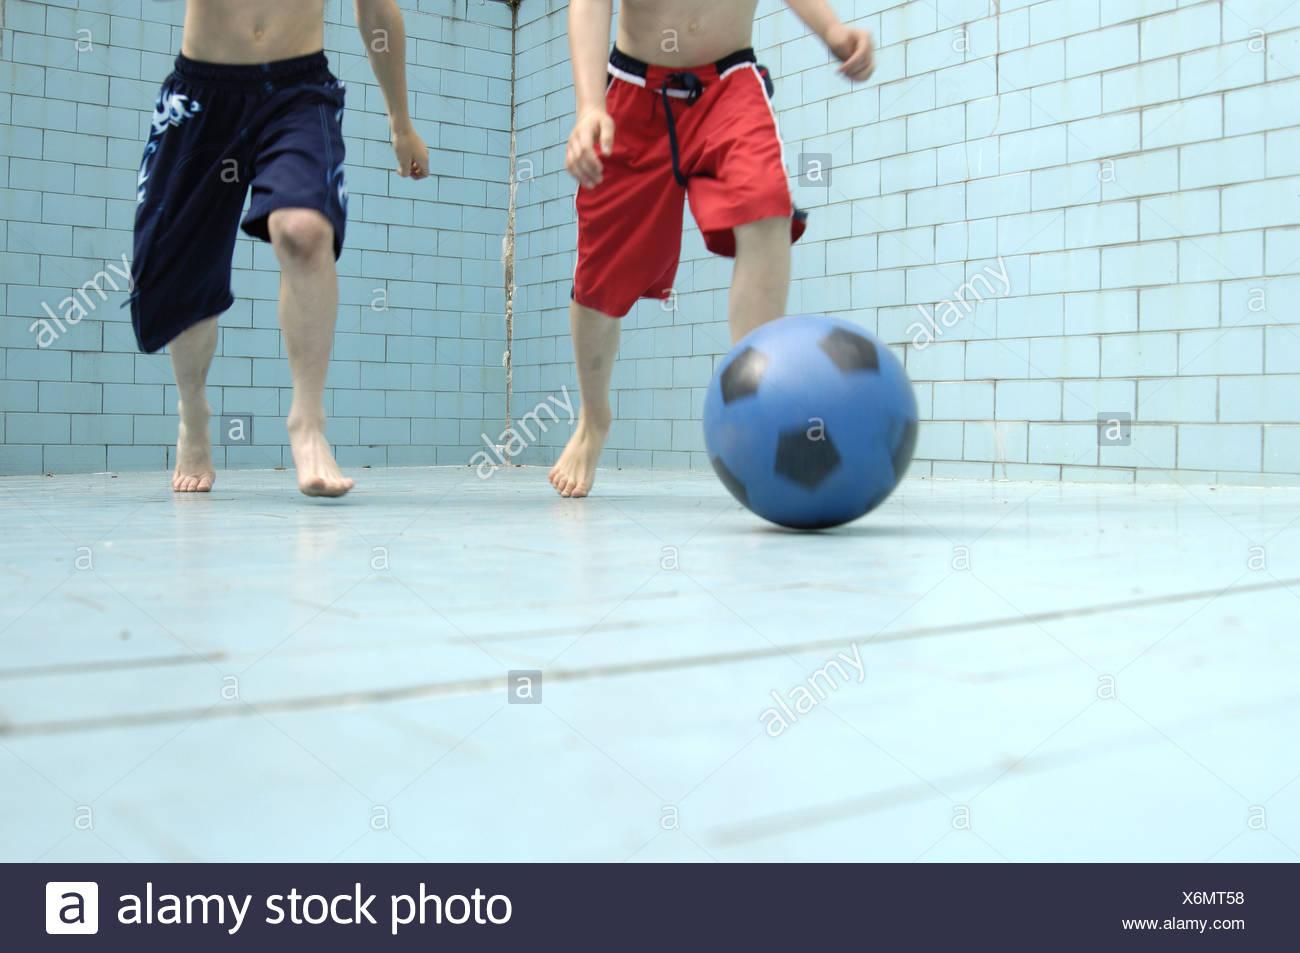 Piscina bambini vuota giochi di calcio dettaglio gambe persone serie